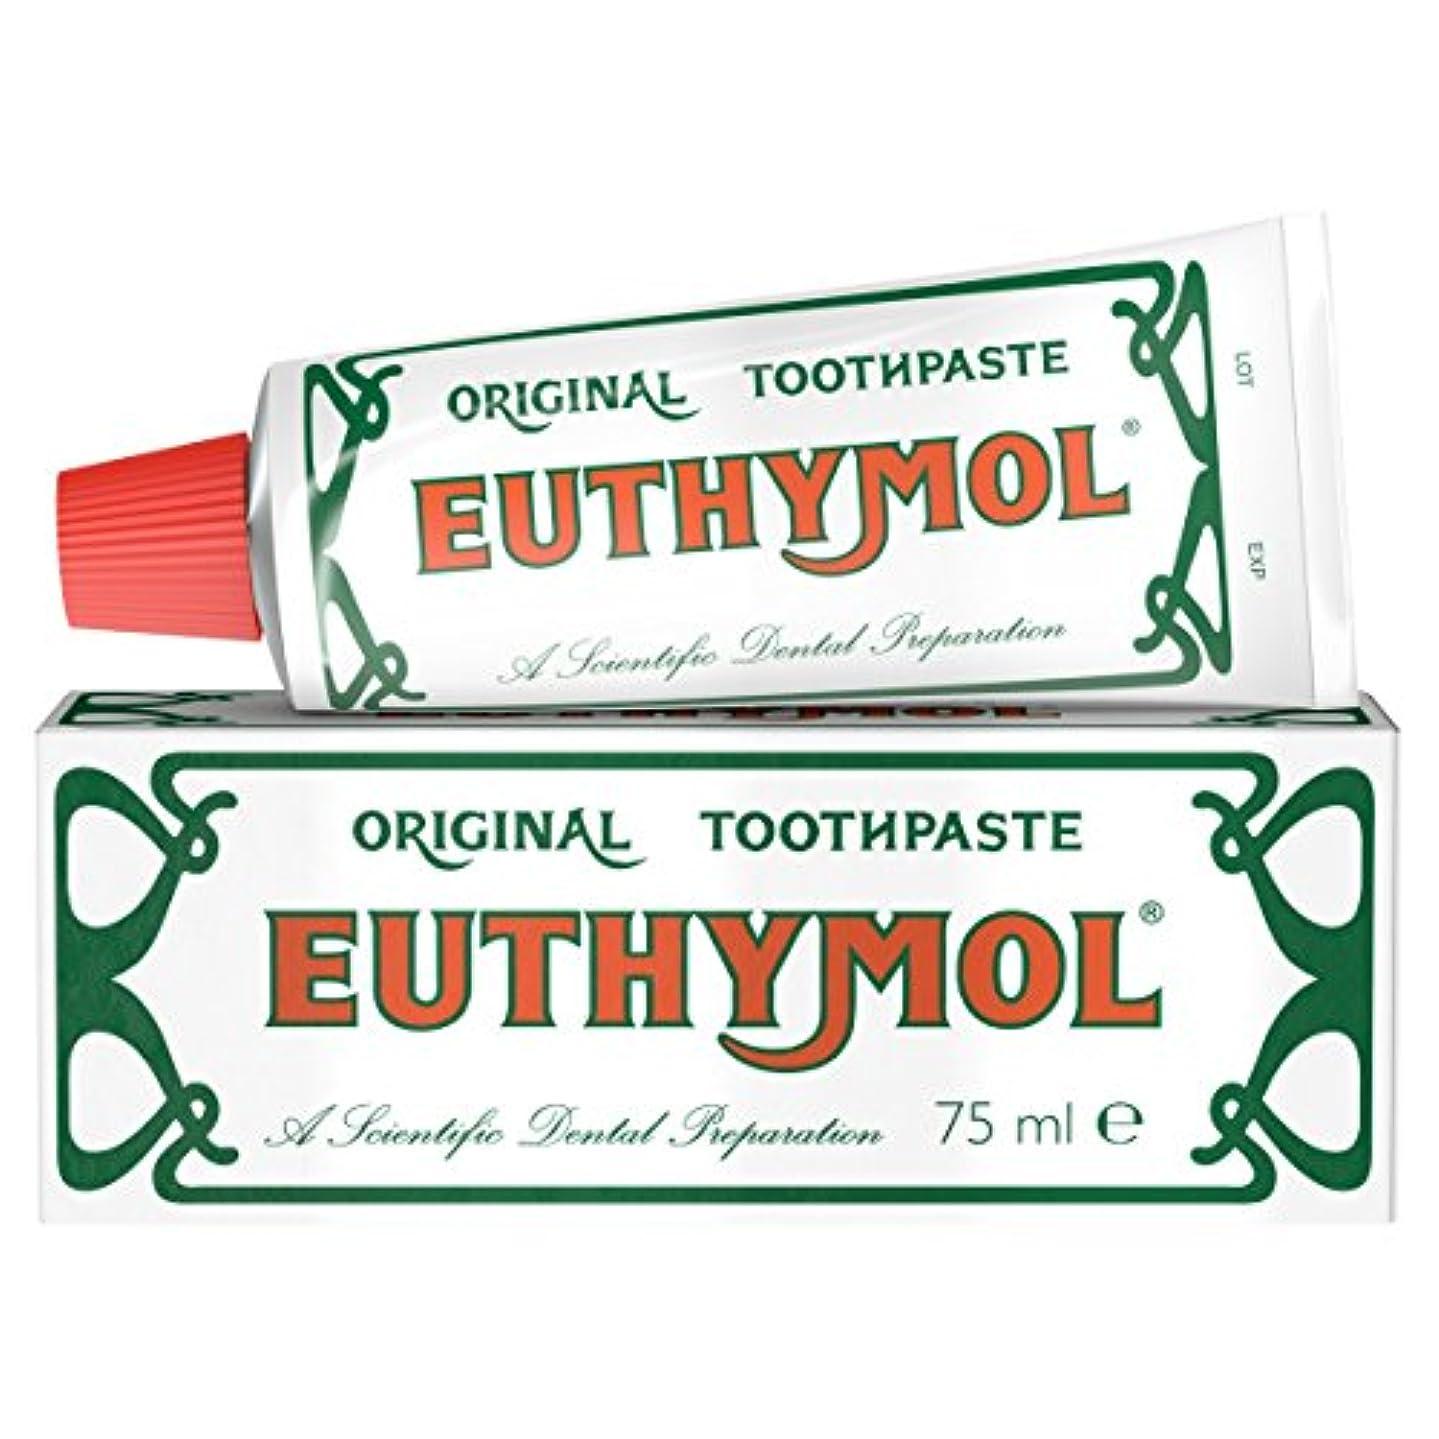 麦芽把握狂信者Euthymol オリジナル歯磨き粉 75ml 並行輸入品 Euthymol Original Toothpaste 75 Ml